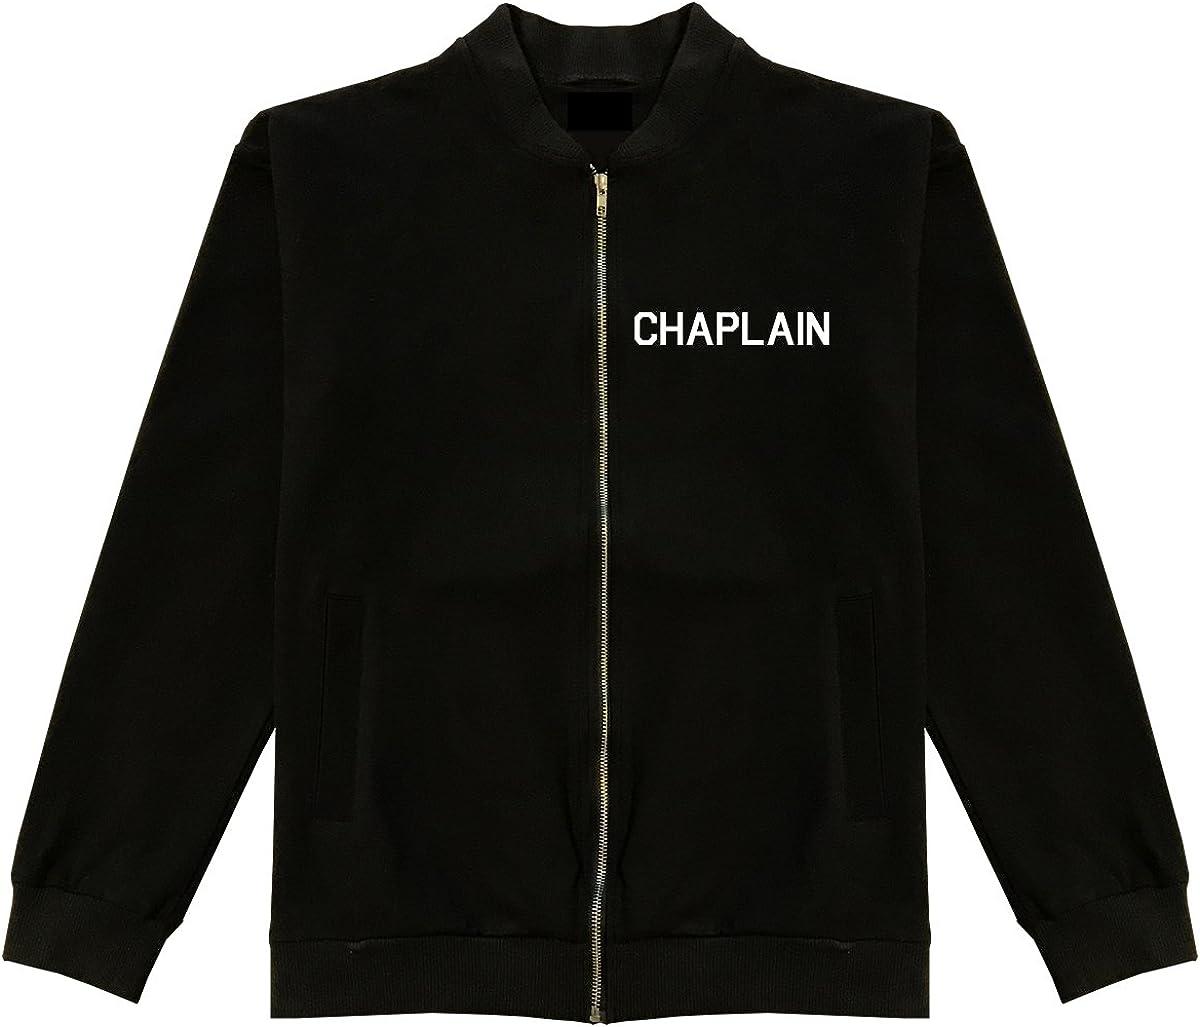 Kings Of NY Christian Chaplain Bomber Jacket